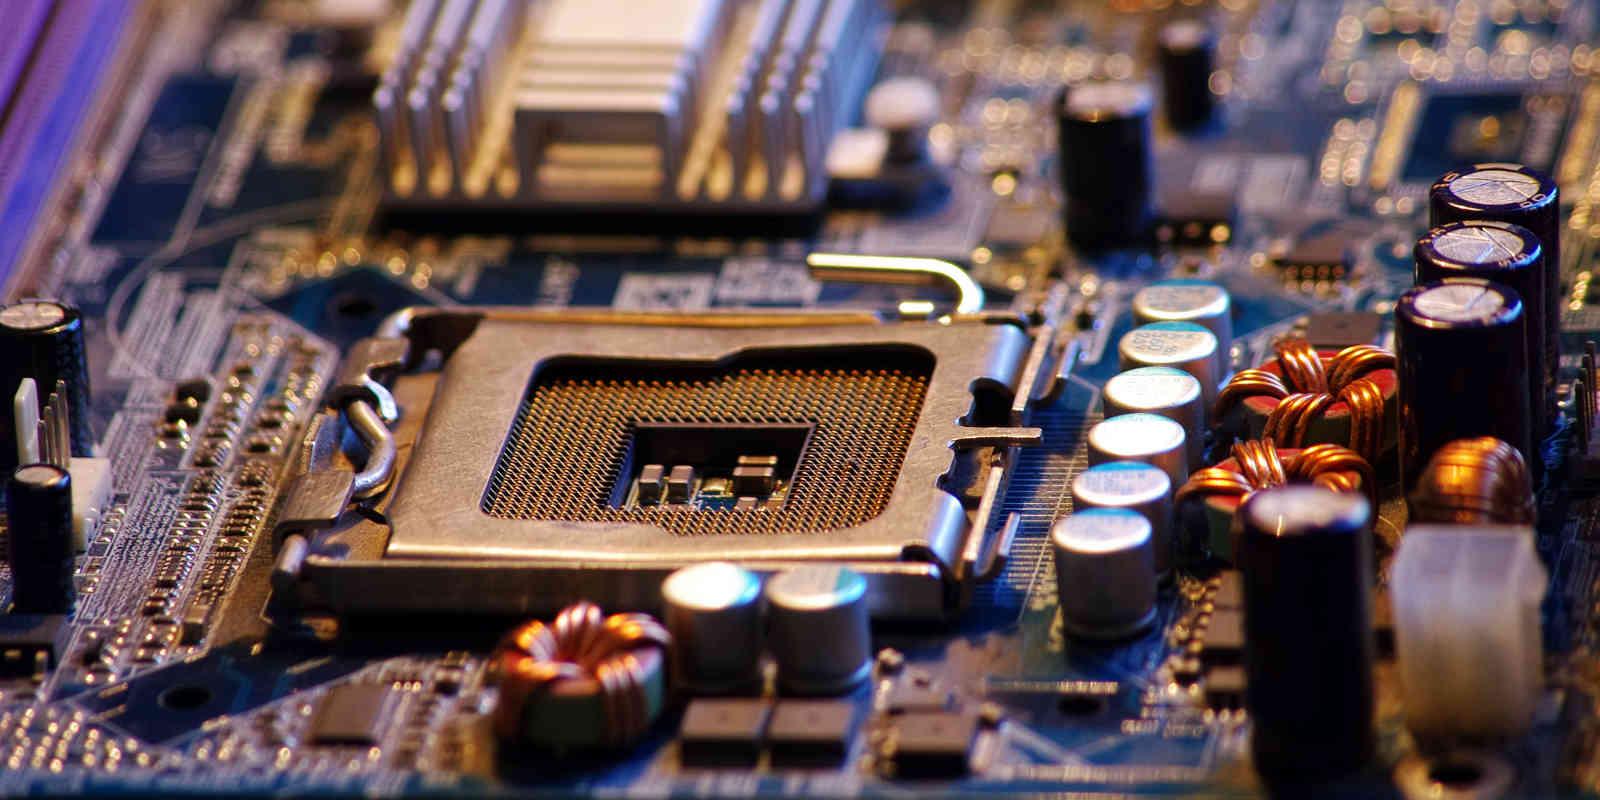 Les composants indispensables d'un ordinateur